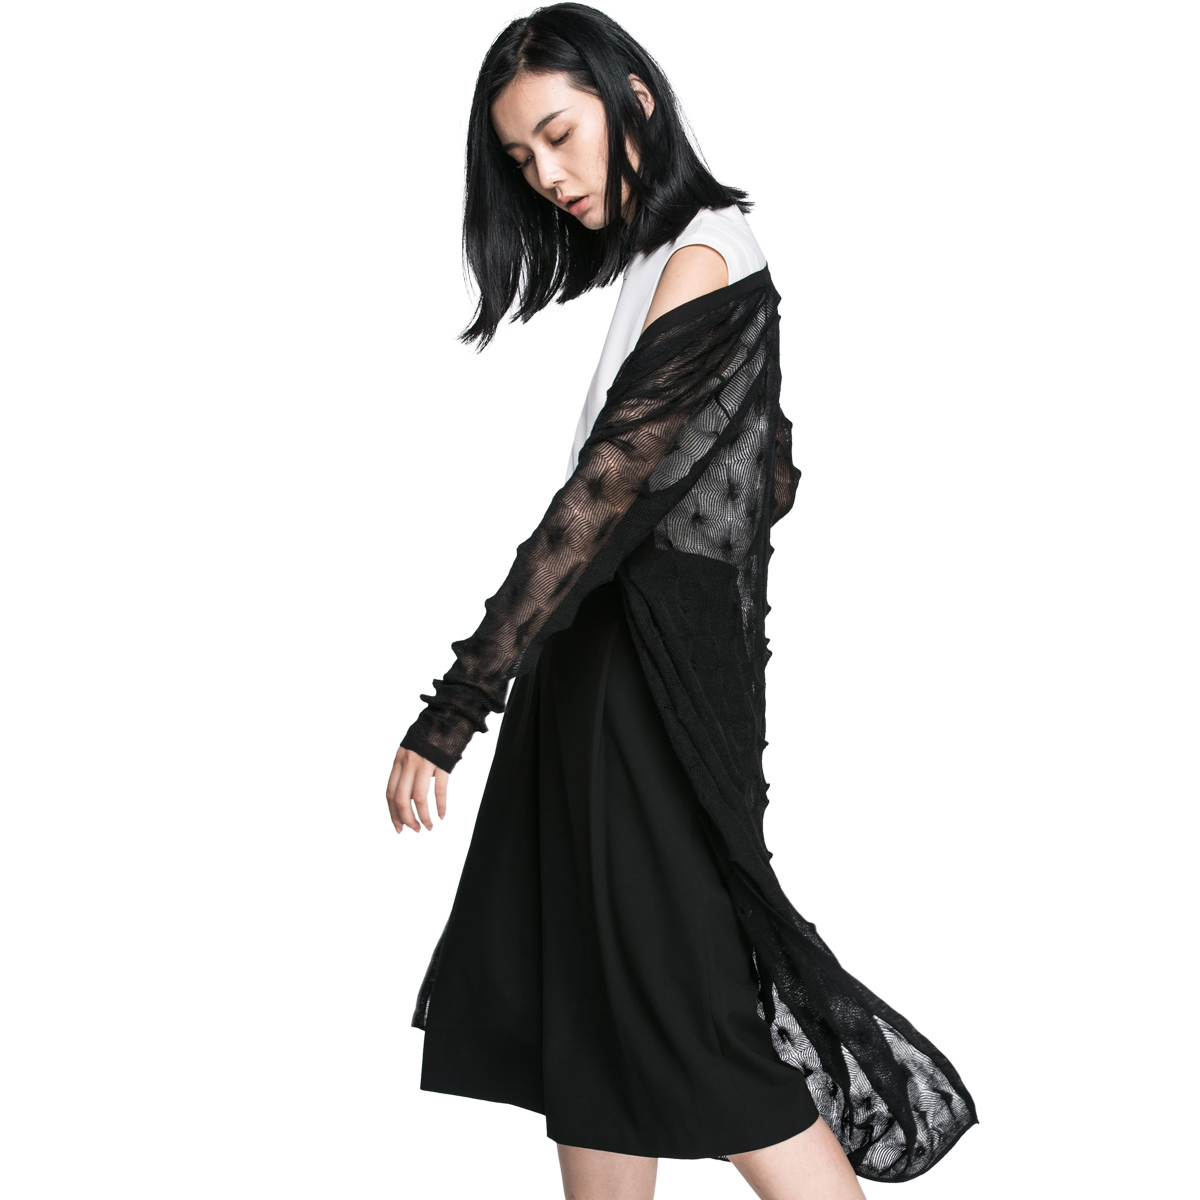 黑色针织衫 SELECTED思莱德镂空钩花宽松针织开衫女G-416324503_推荐淘宝好看的黑色针织衫